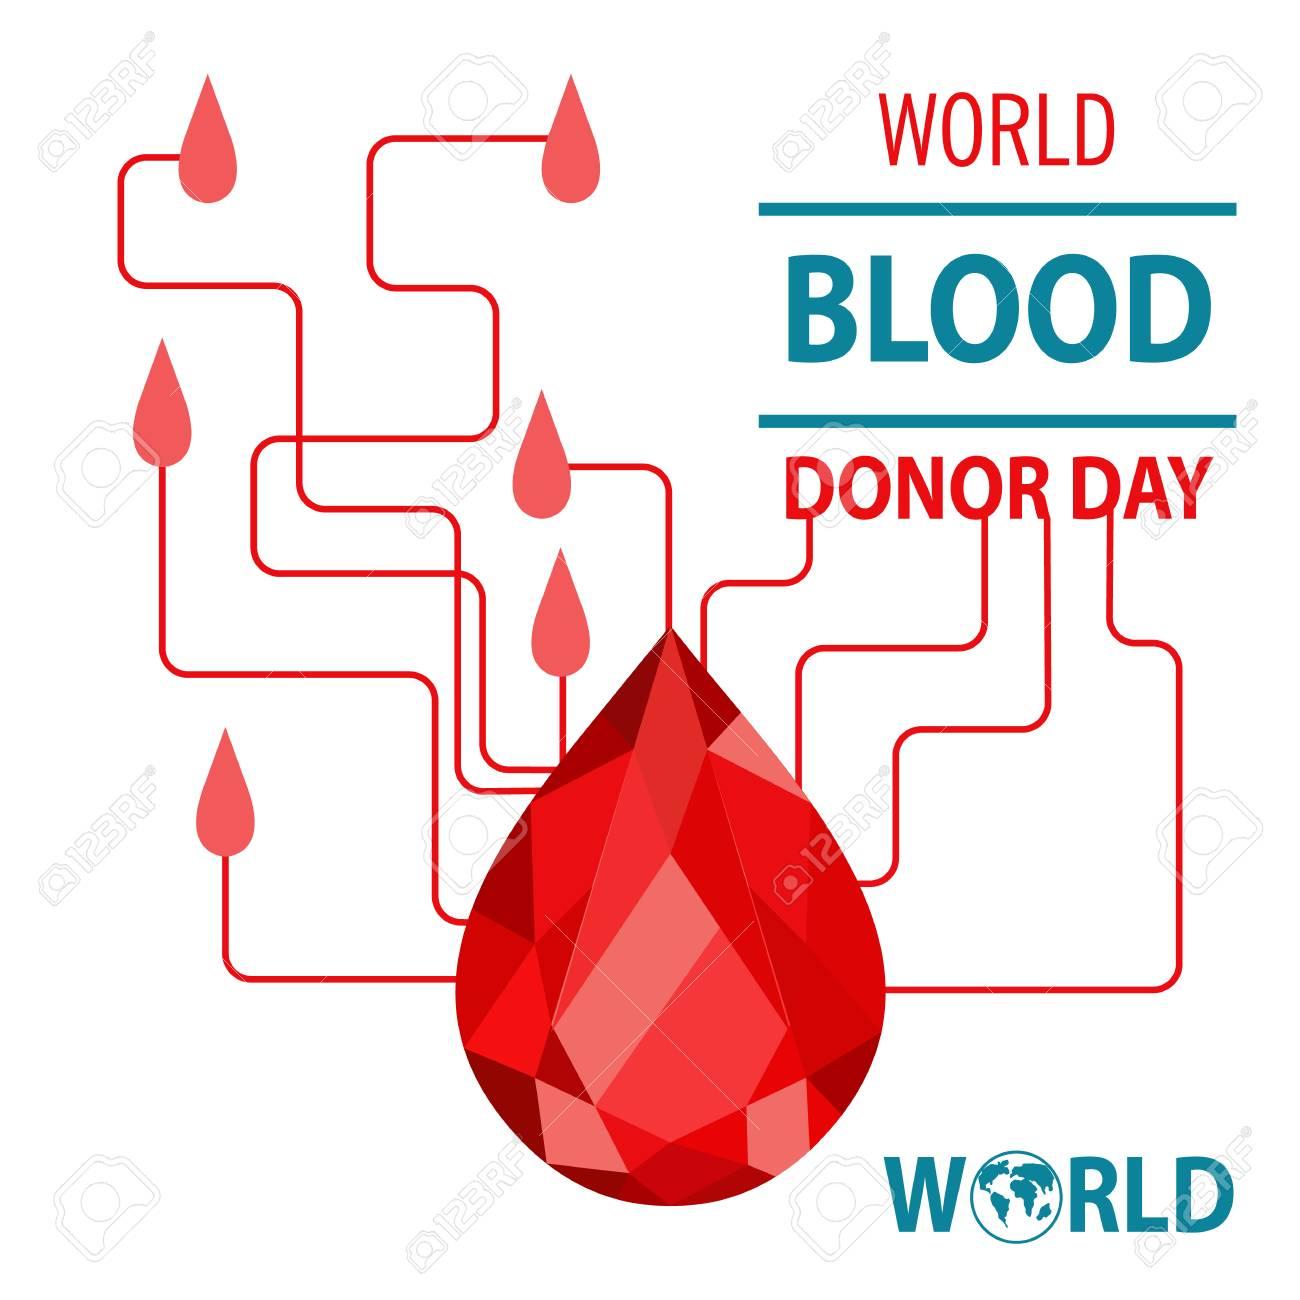 donar sangre concepto